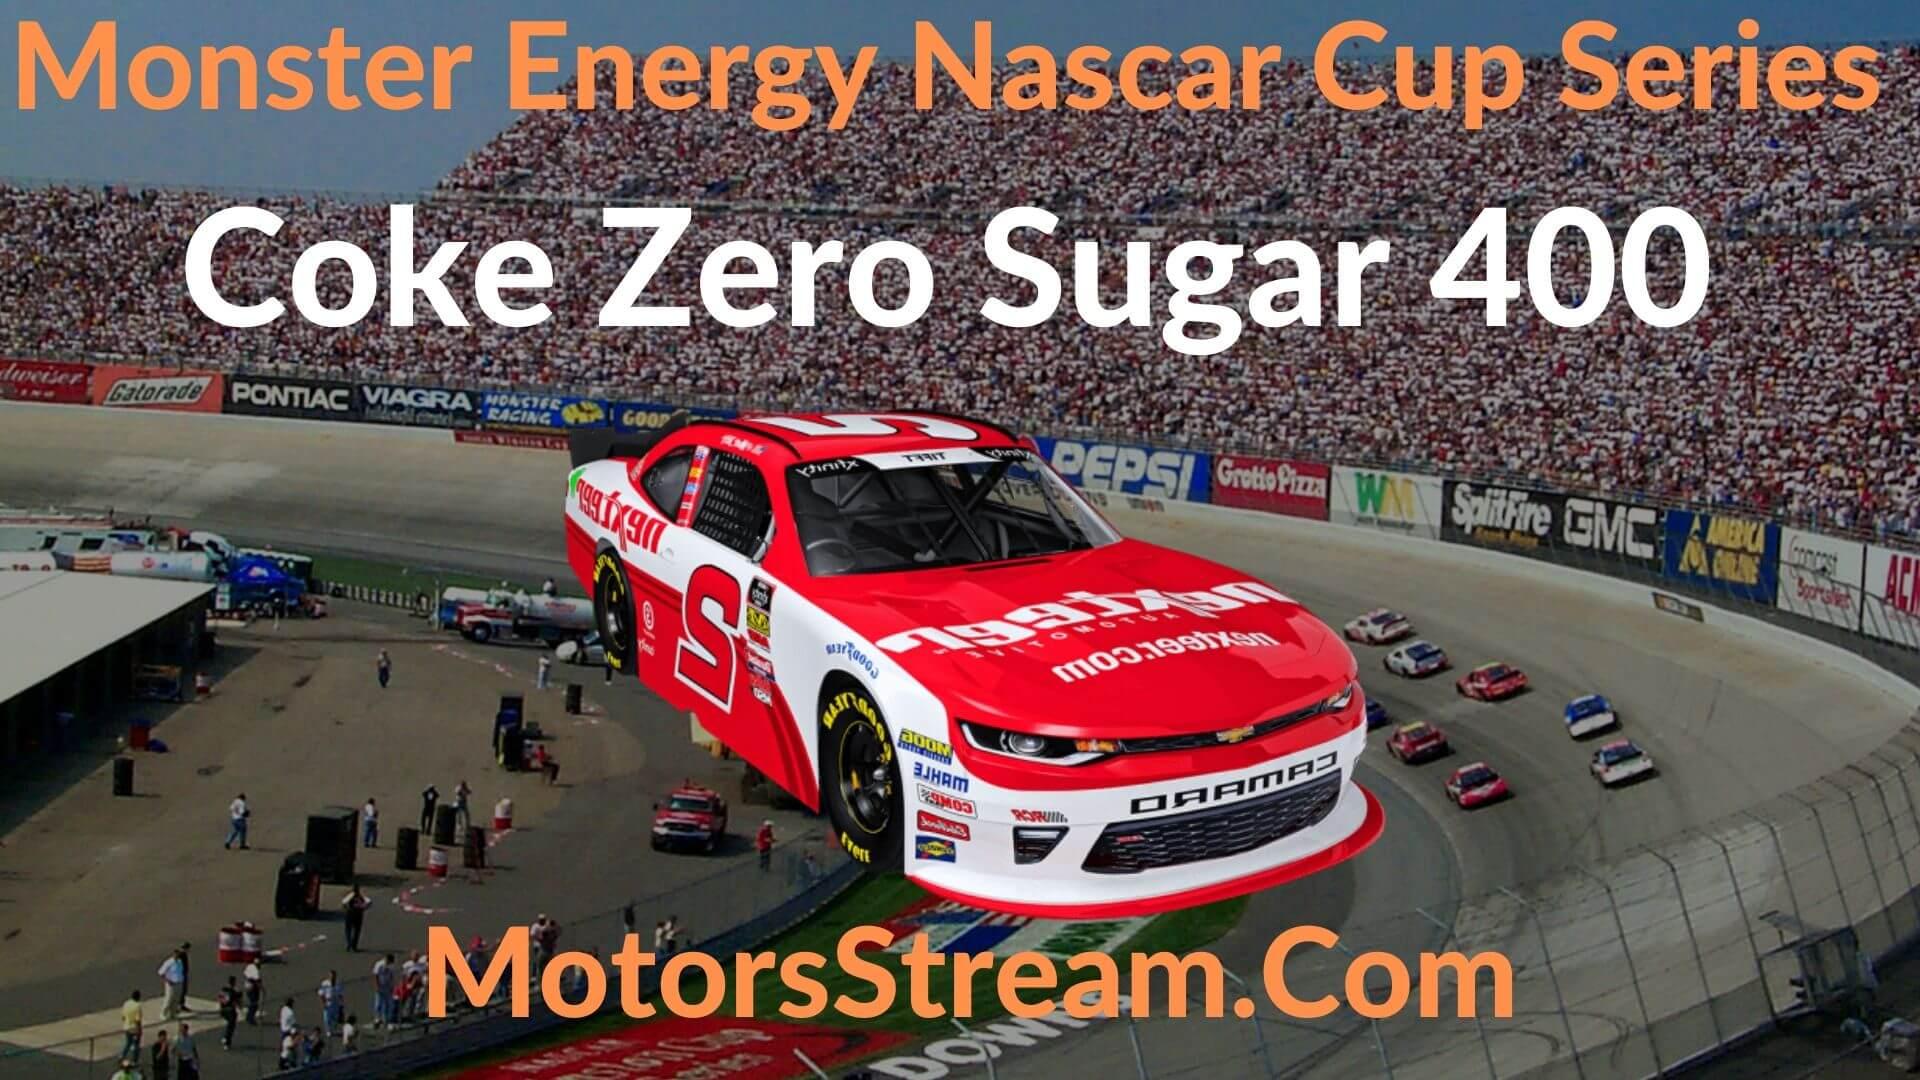 Coke Zero Sugar 400 Live Stream   NASCAR CUP 2020